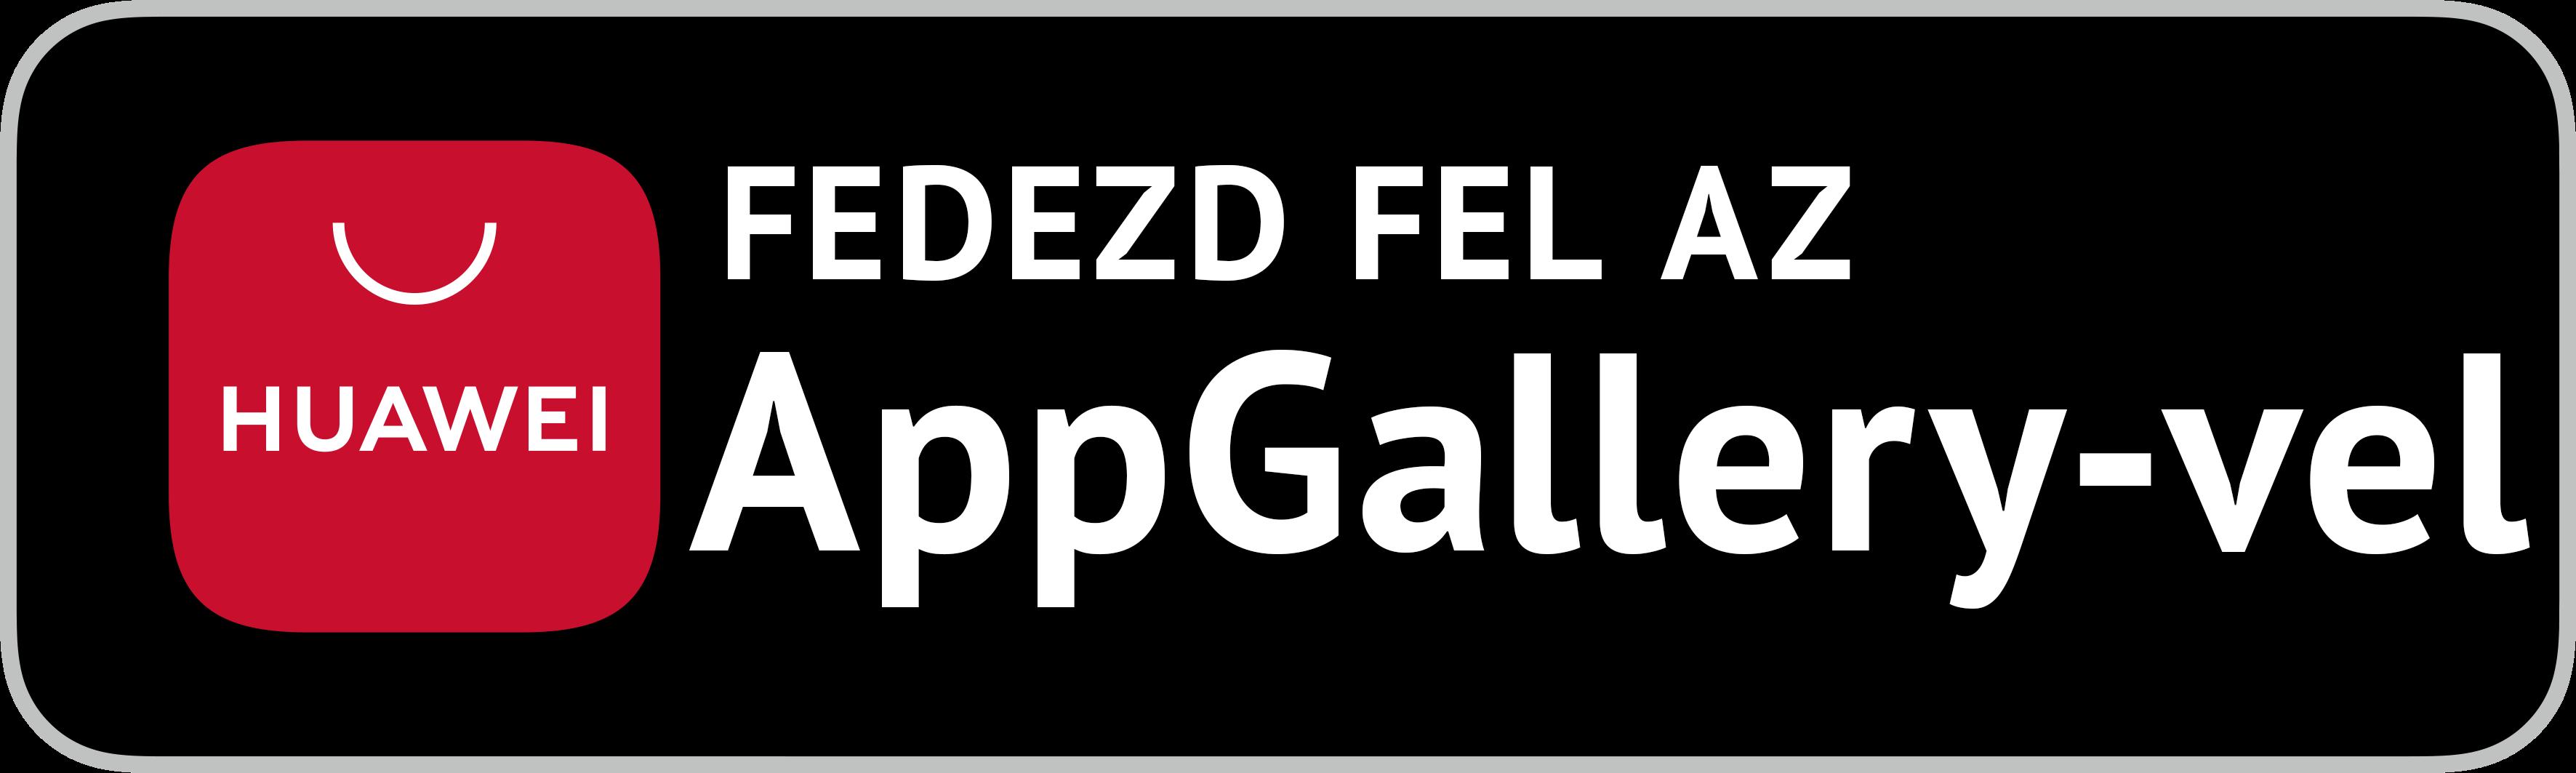 Fedezd fel az AppGallery-vel